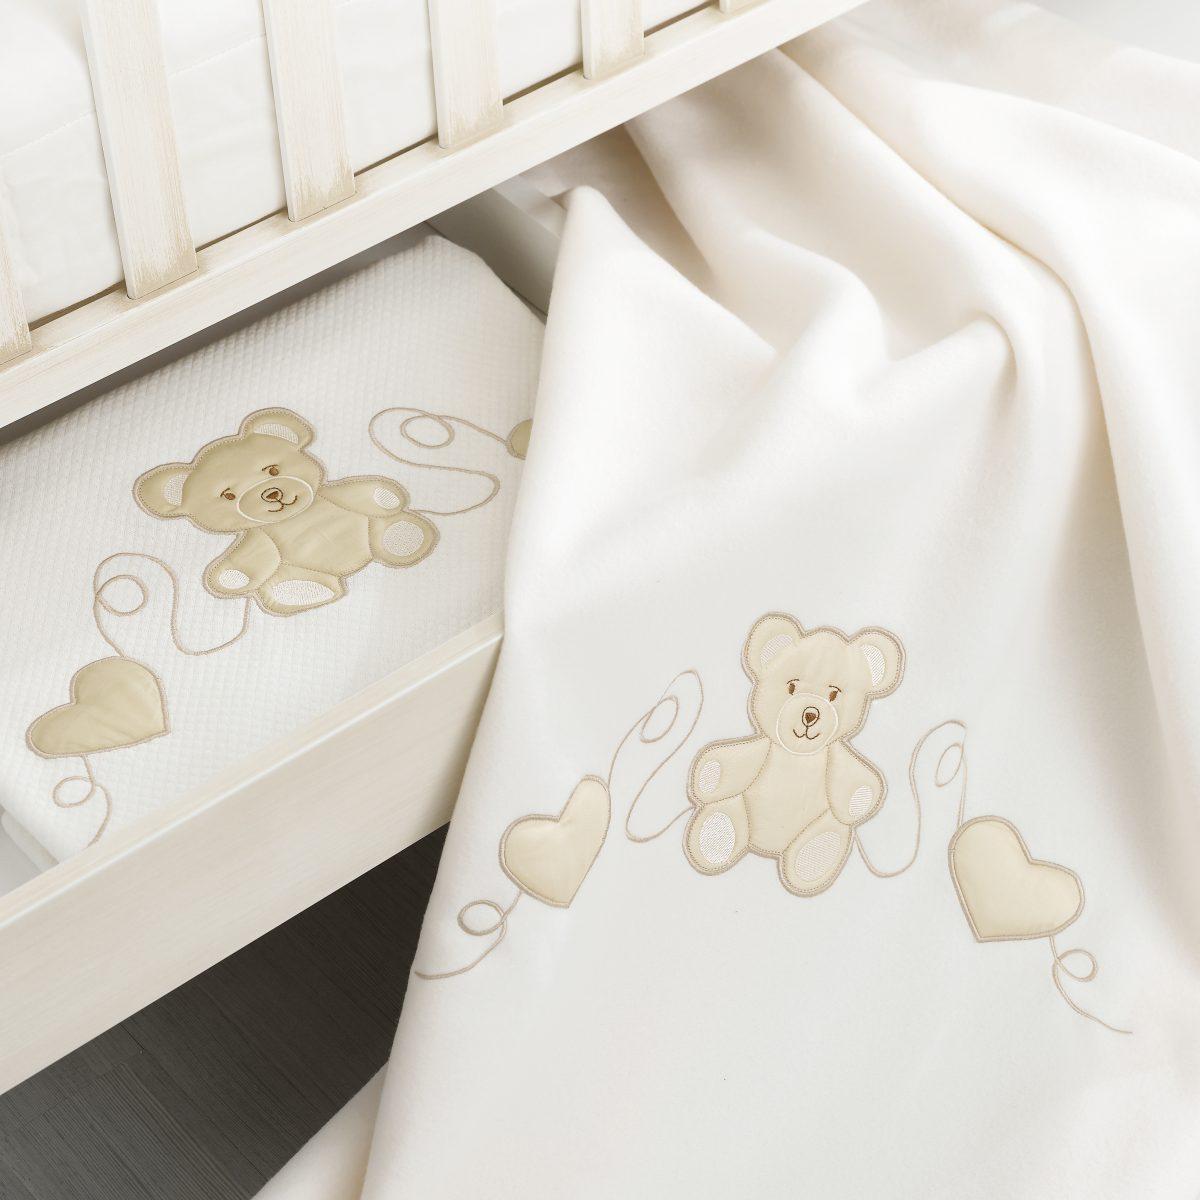 luxusní dětský nábytek - designové textilie Jolie